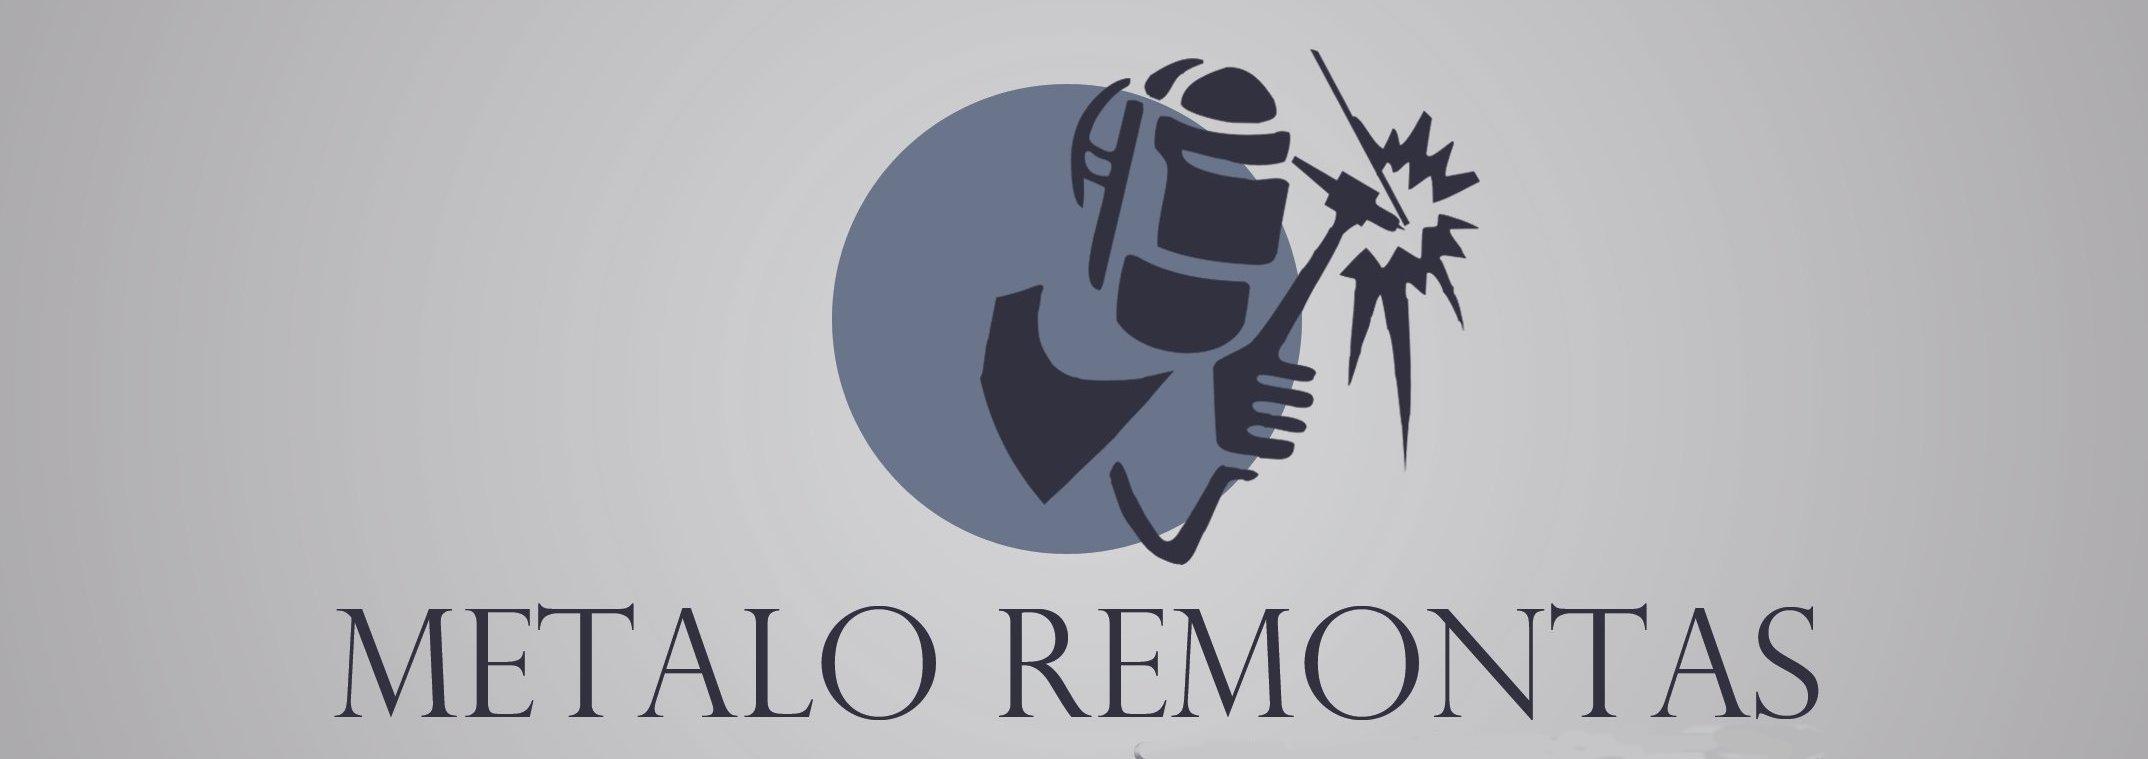 Radiatorų remontas | Vamzdelių remontas | Salono pečiukų praplovimas